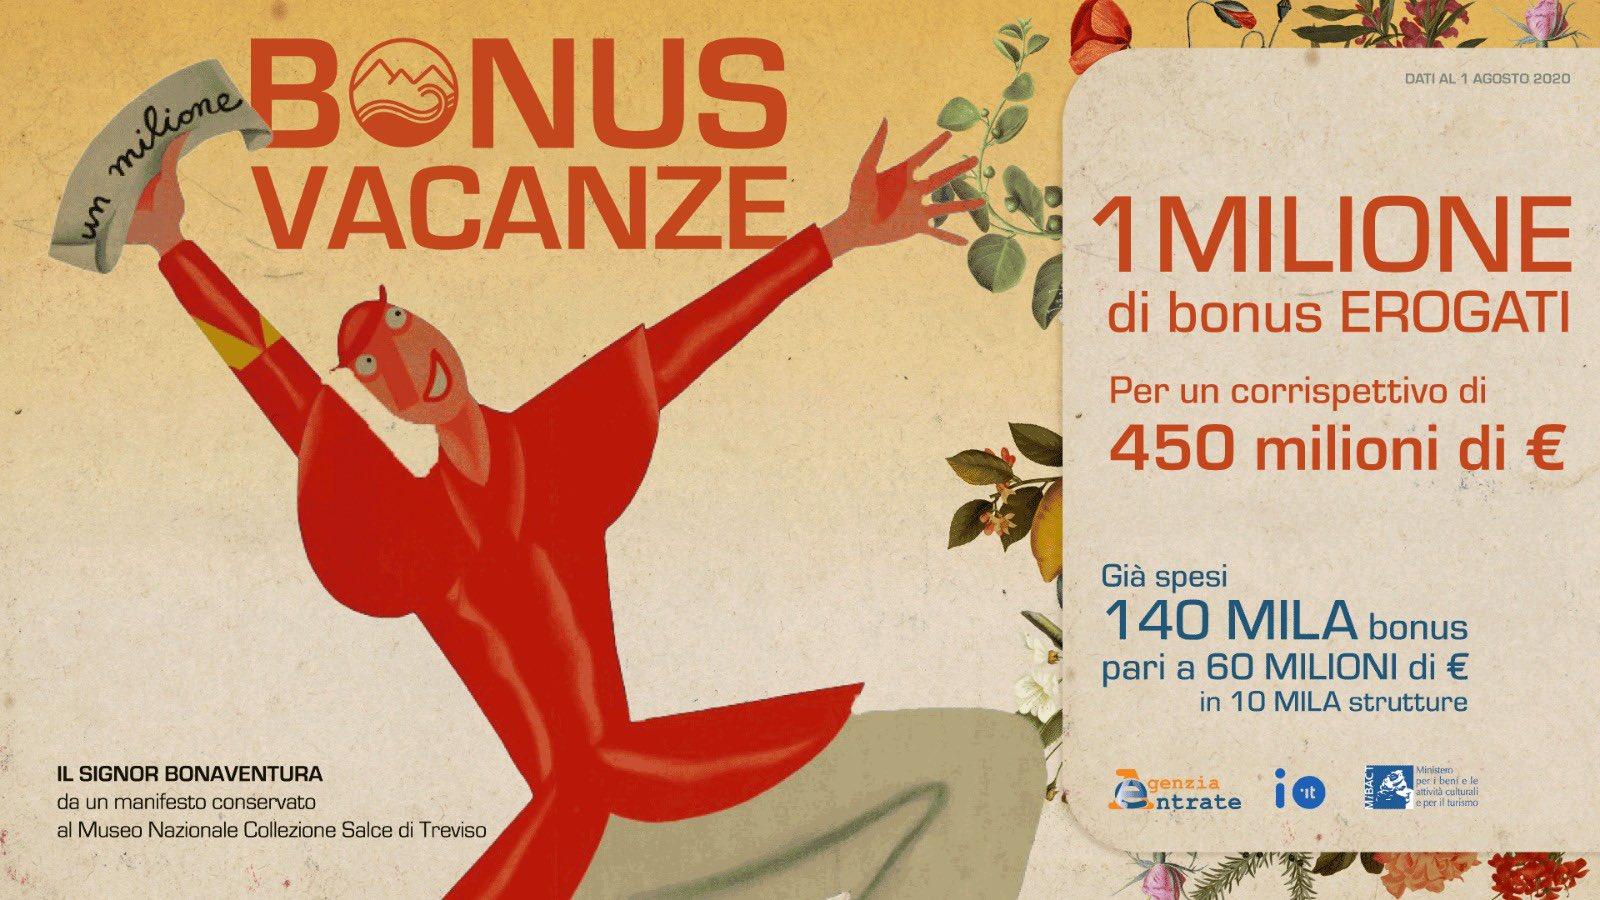 Bonus Vacanze: oltre un milione di bonus erogati